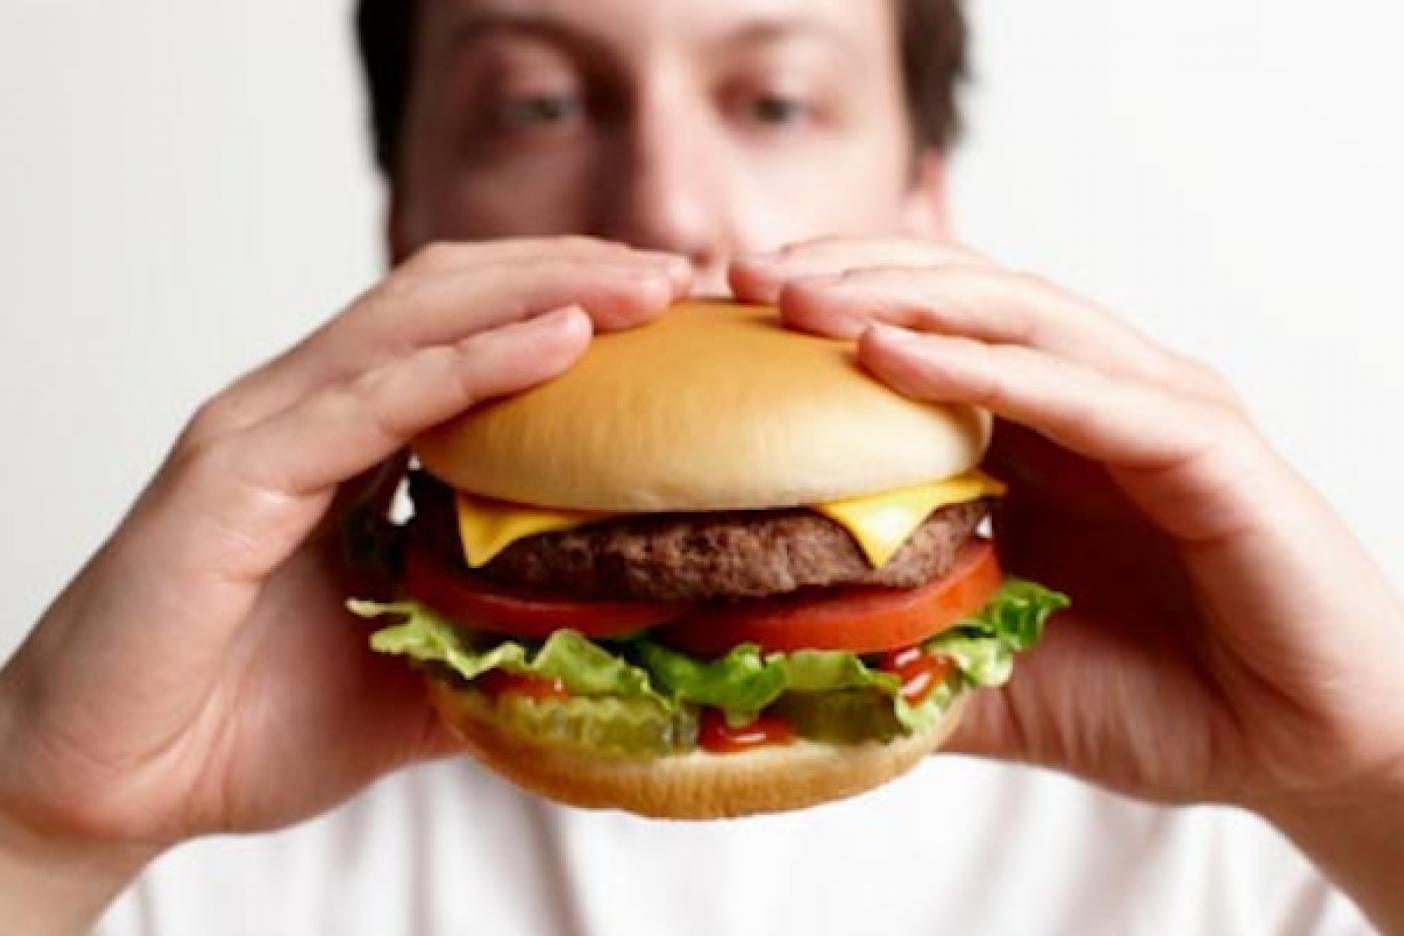 Apetito emocional: cuando nos comemos nuestras emociones